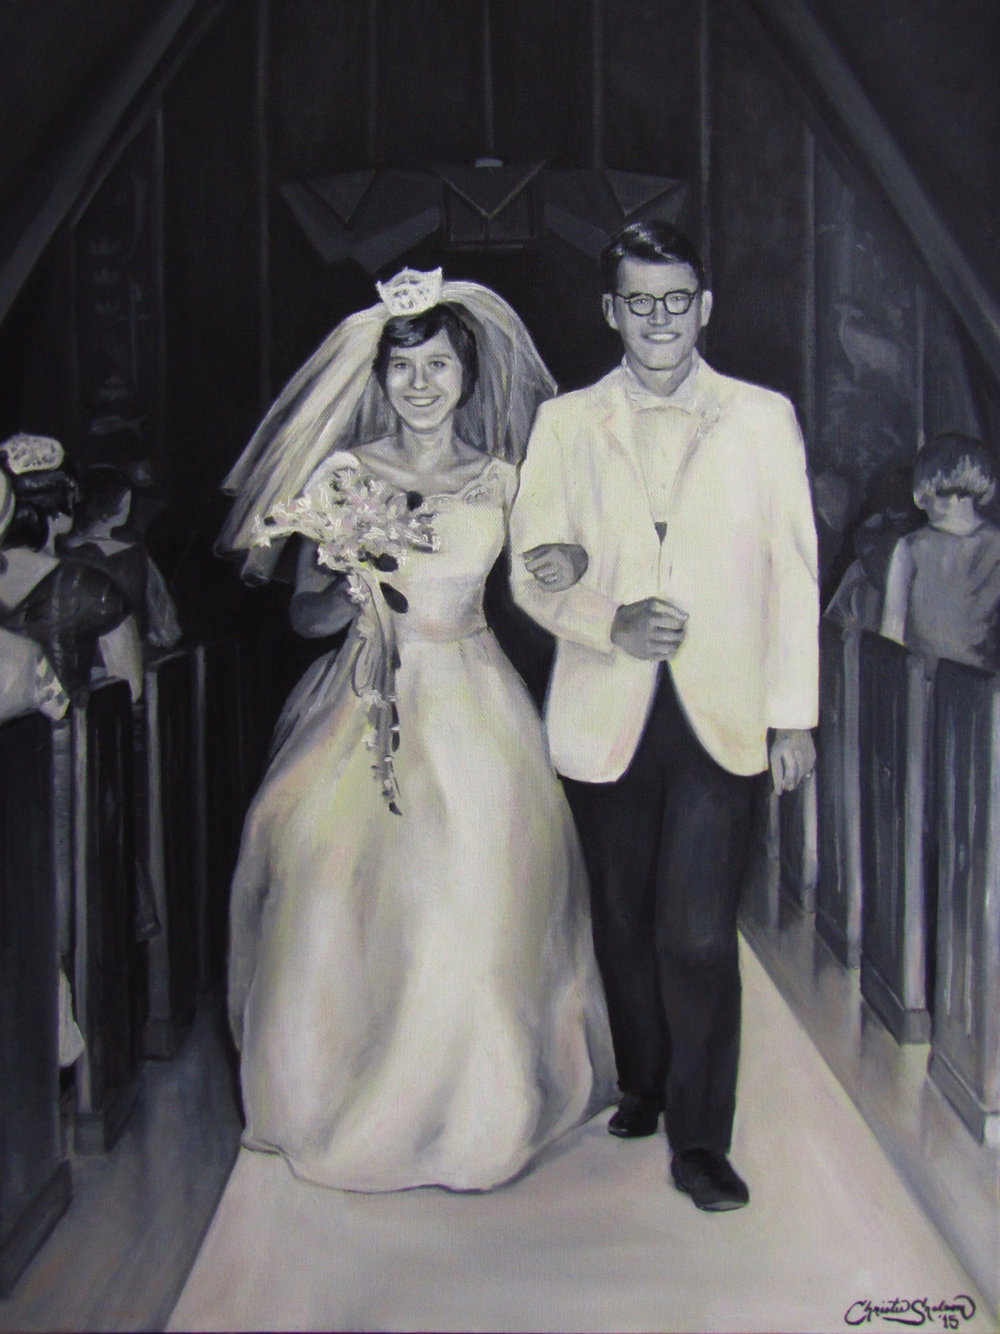 Schmidt_Wedding Anniversary_Christie Snelson.jpg